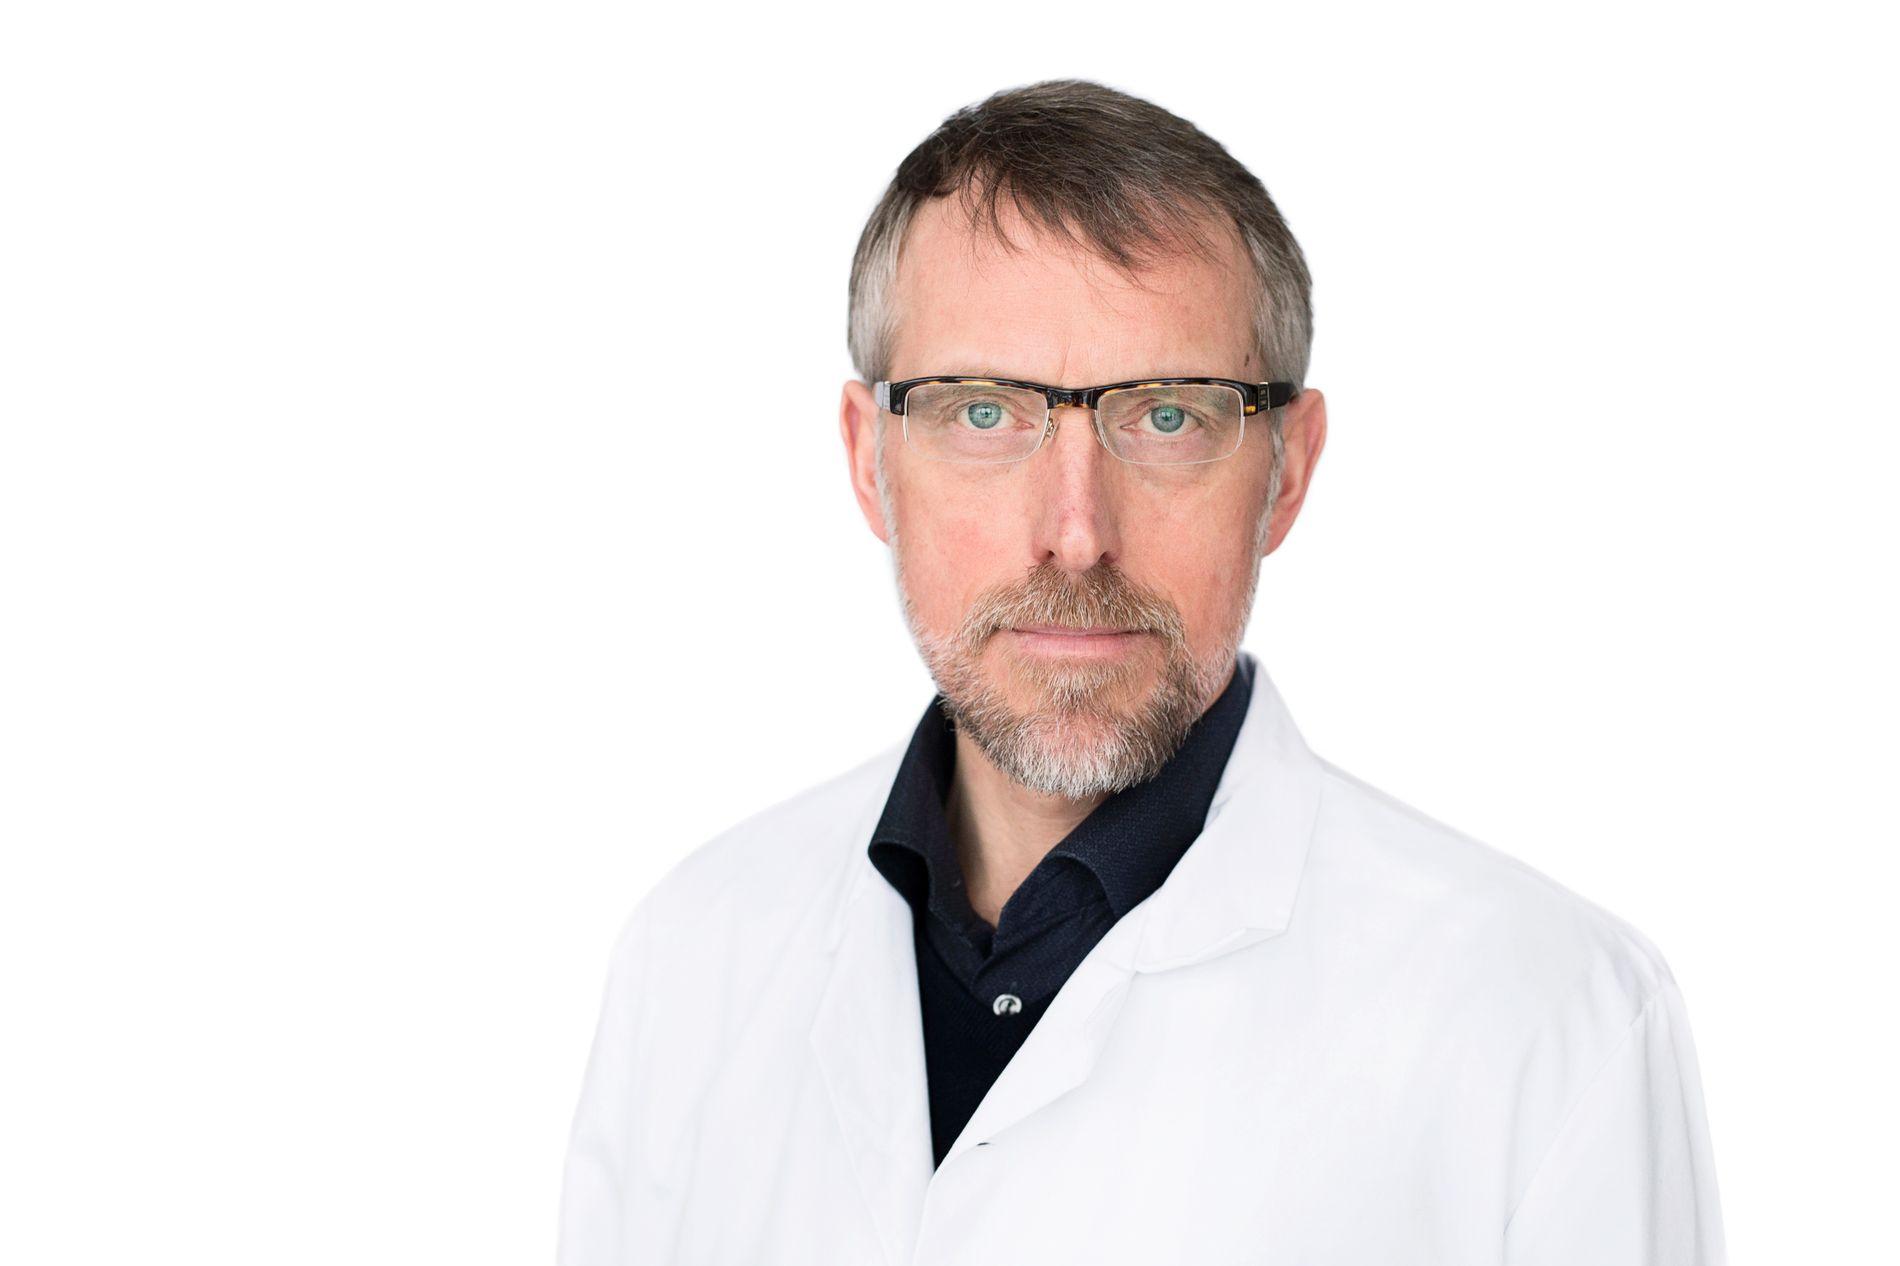 KLINIKKDIREKTØR: John Helge Heimdal ved Kirurgisk klinikk på Haukeland bekrefter til VG at det ble utført et mer omfattende inngrep på en pasient enn planlagt i november.